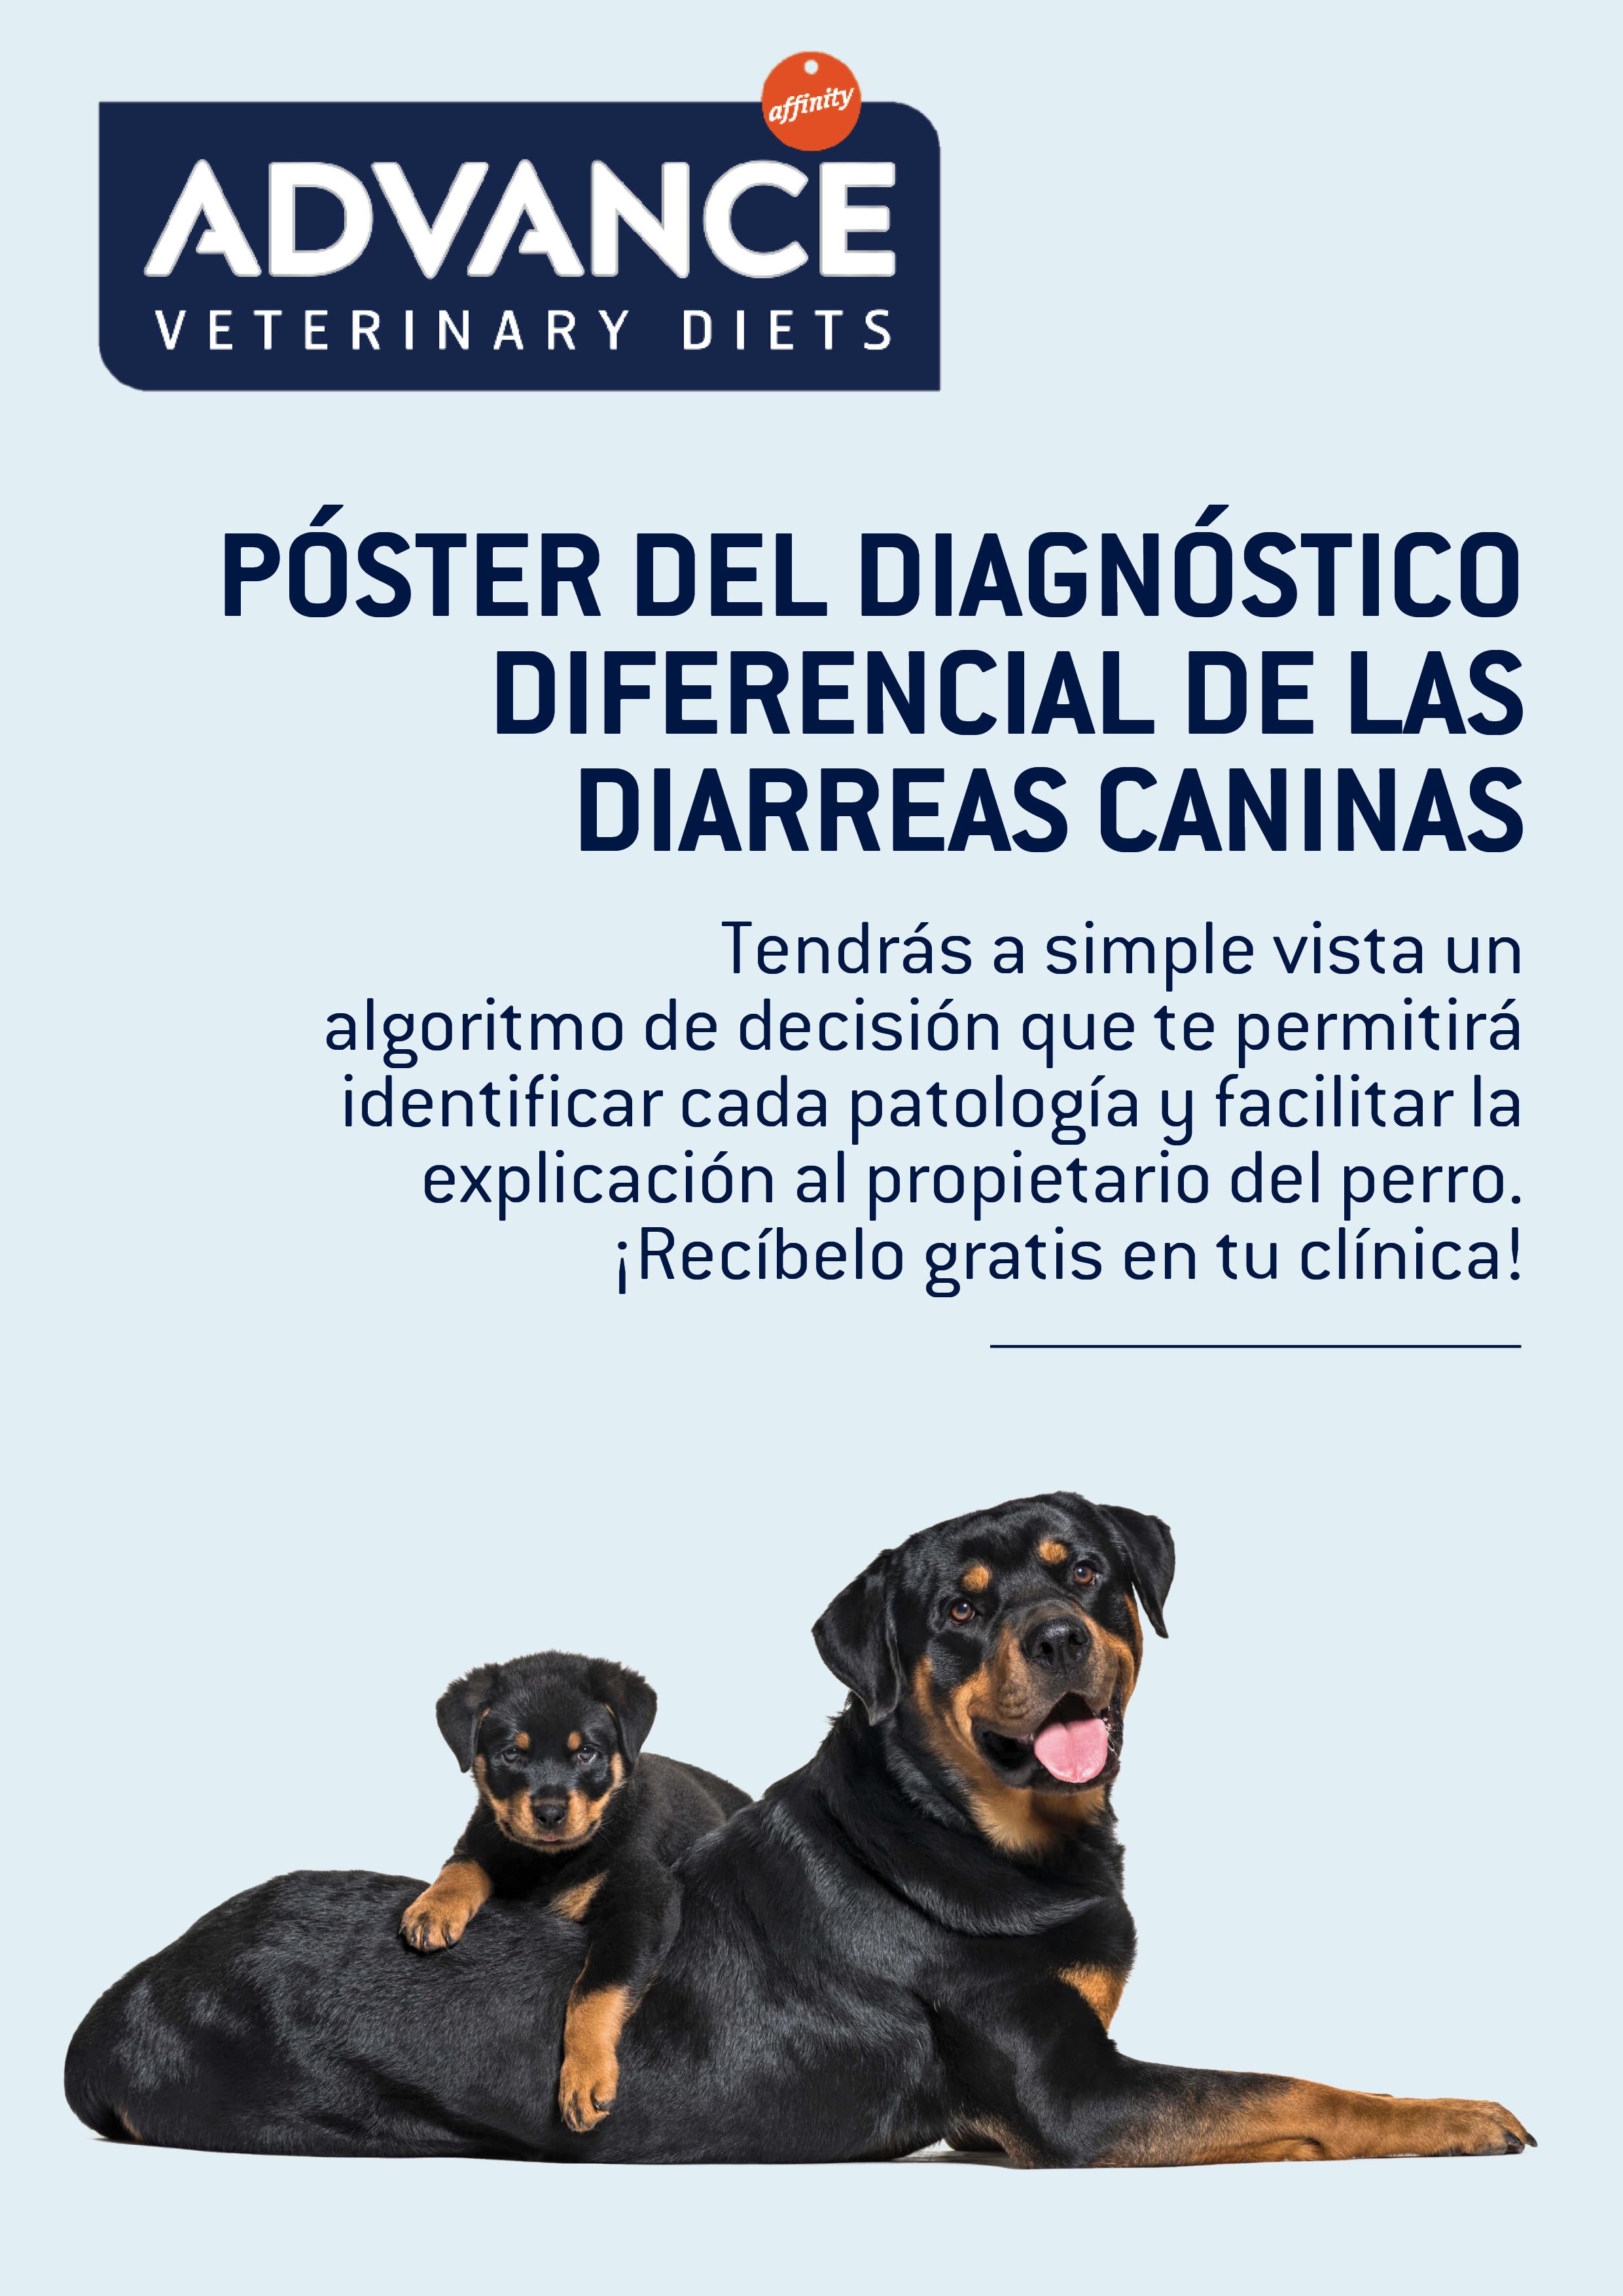 poster_df_grande.png